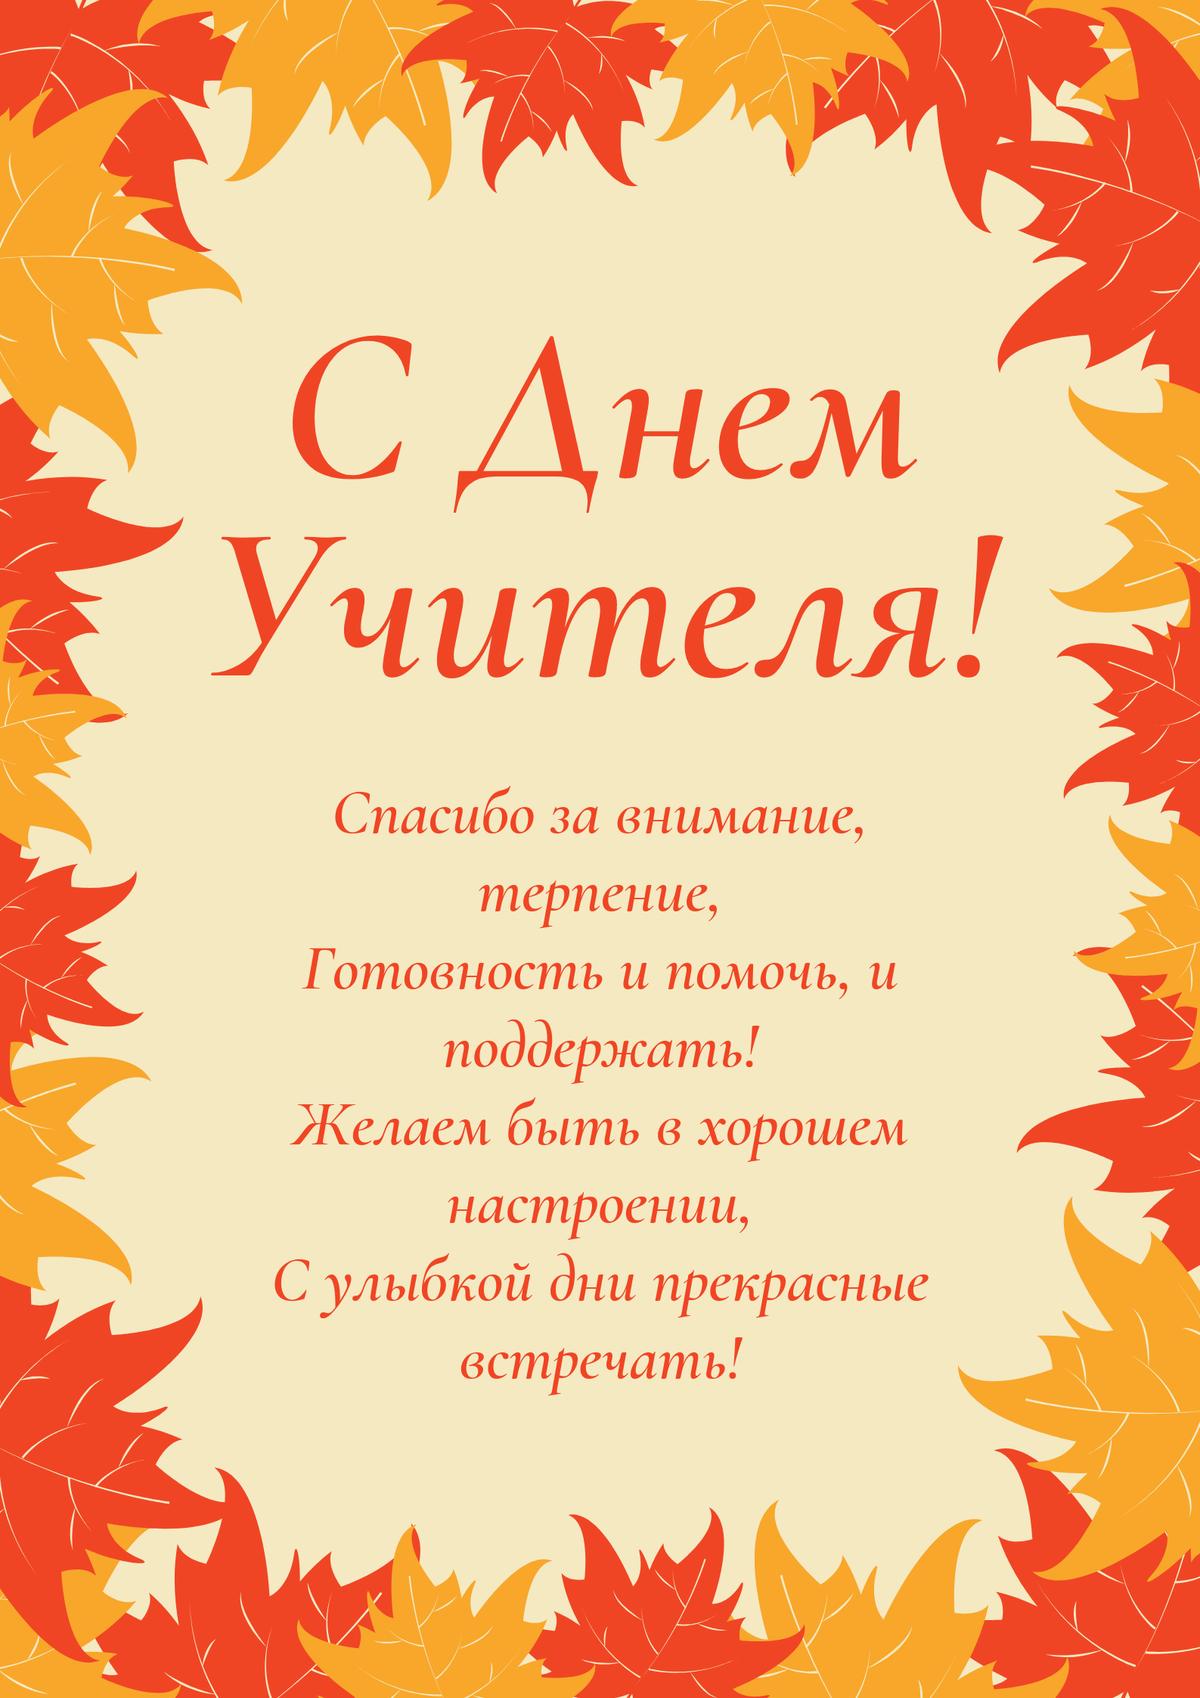 Образец открытки с днем учителя